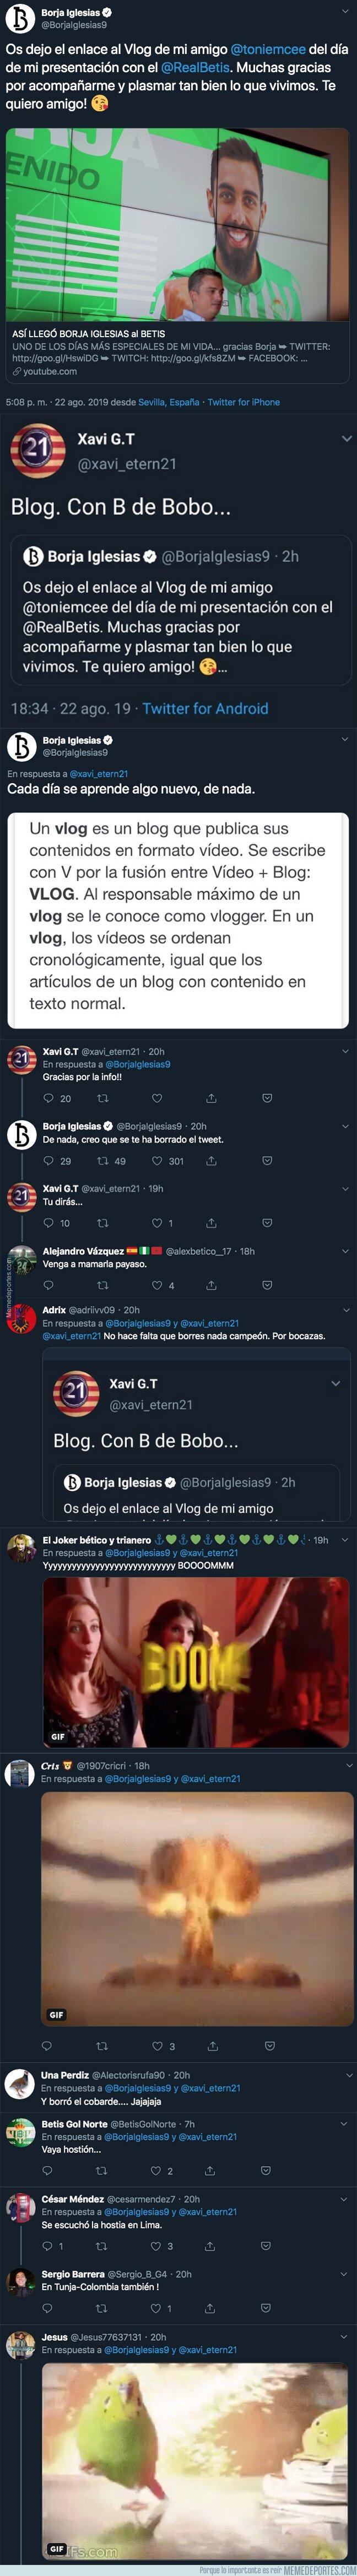 1084079 - Un aficionado del Espanyol insulta a Borja Iglesias por una supuesta falta de ortografía y él le deja por los suelos con la respuesta